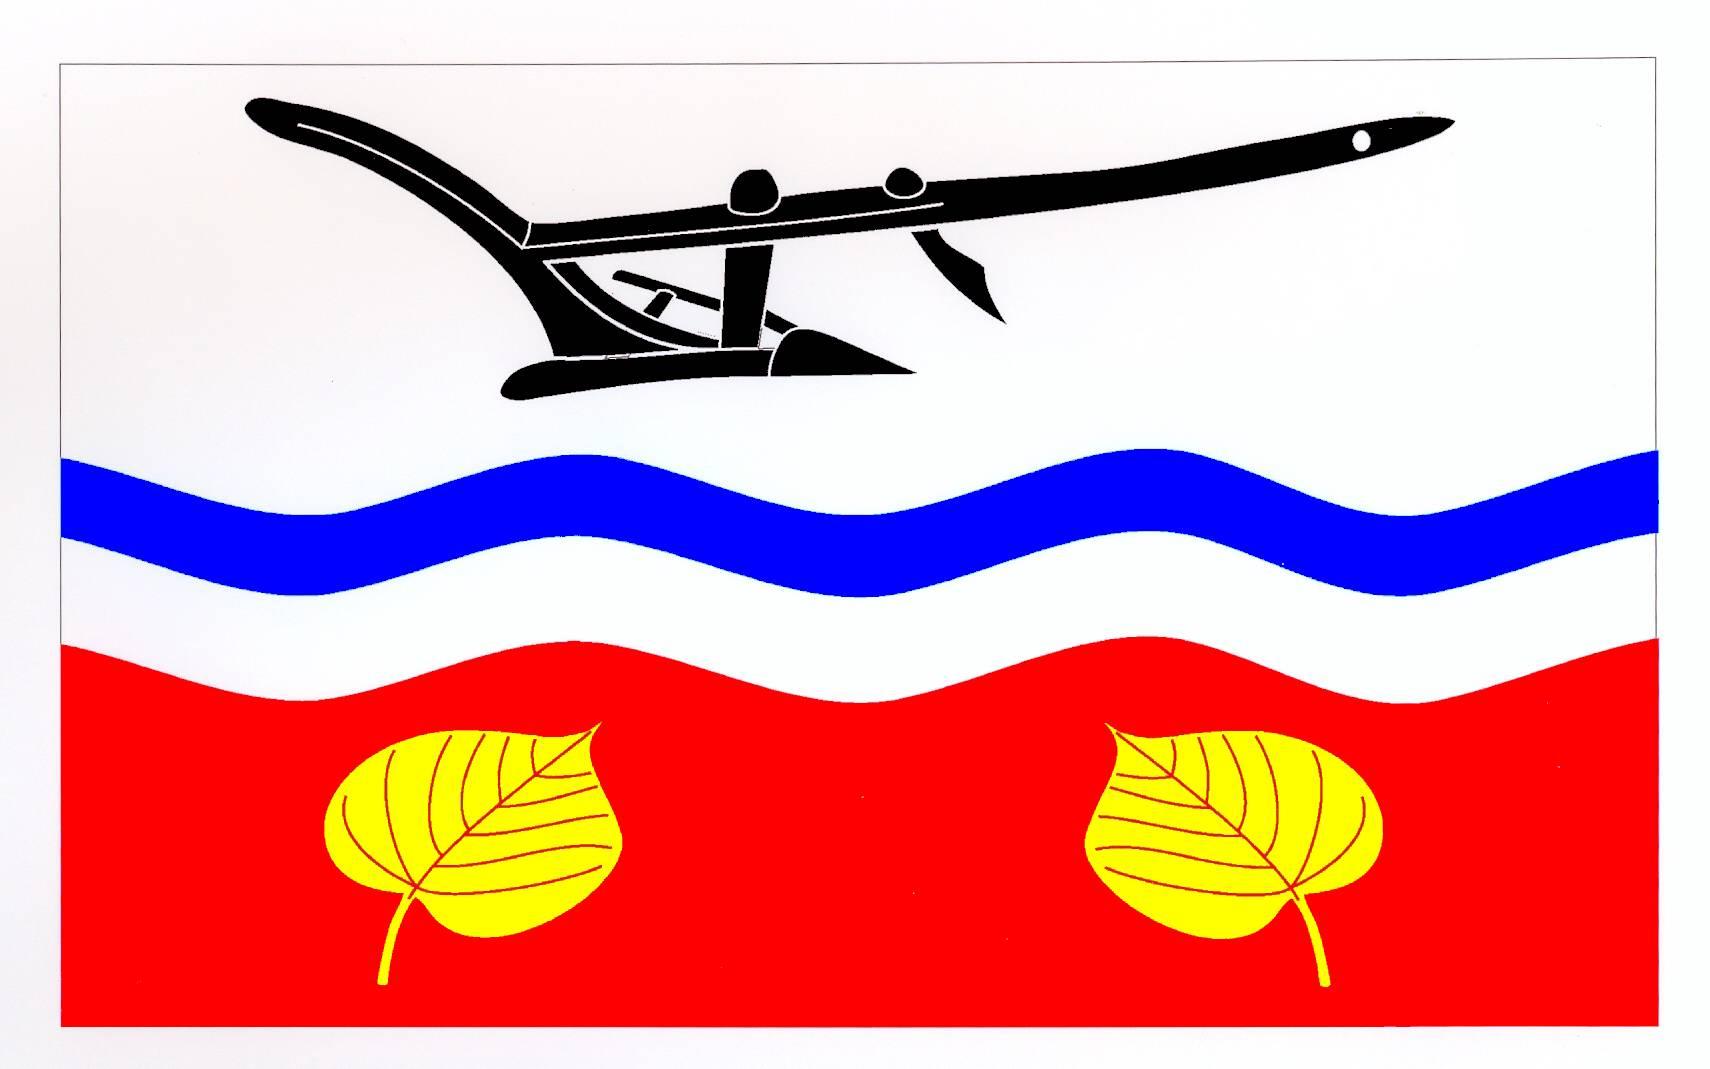 Flagge GemeindeHarmsdorf, Kreis Herzogtum Lauenburg